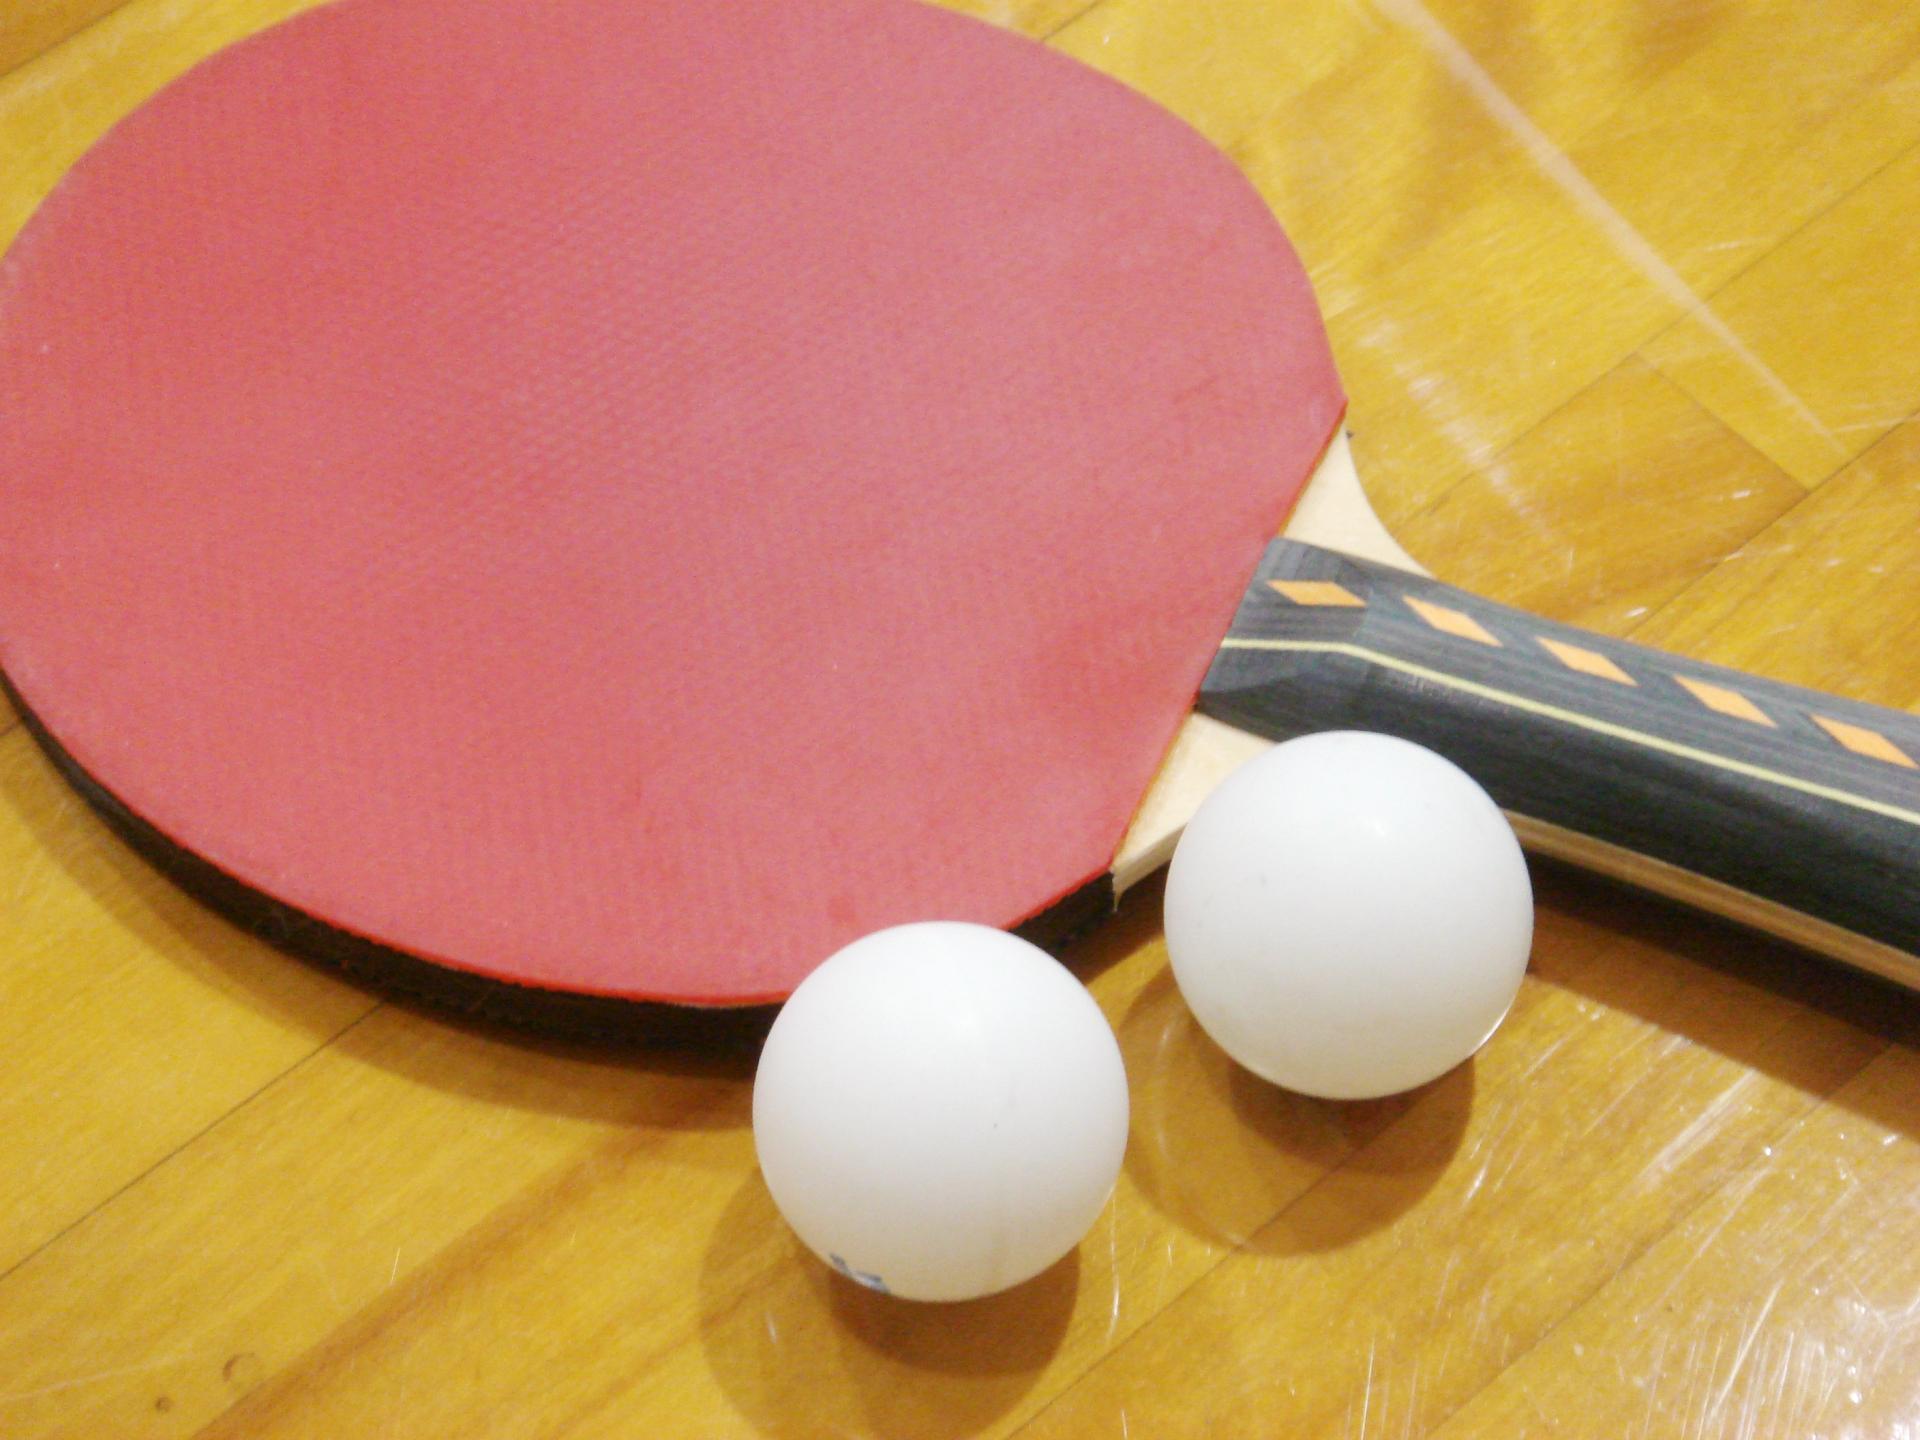 卓球初心者が教室に通う場合は見学や体験レッスンでお試し